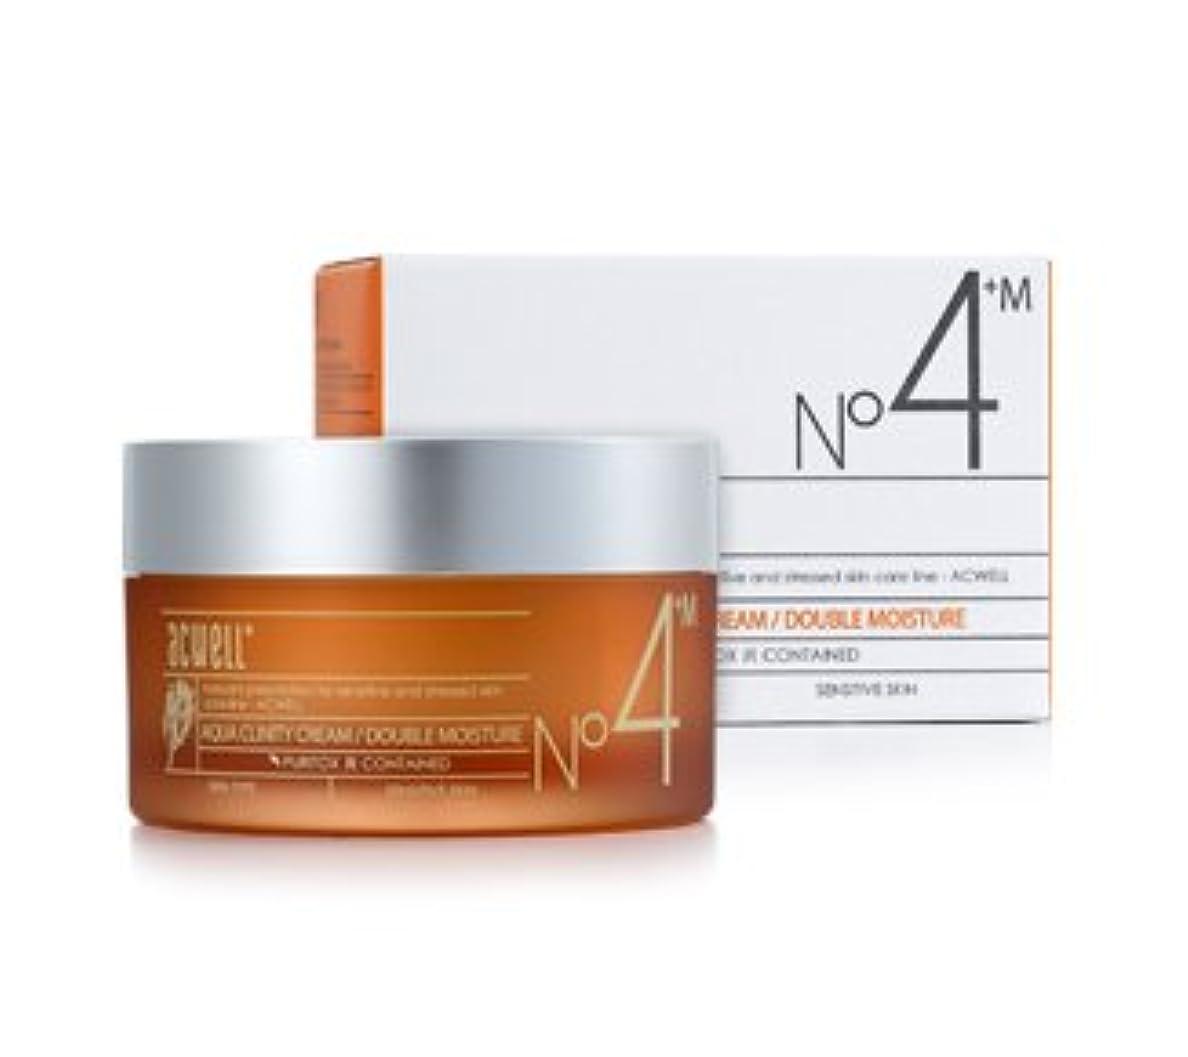 カバー原子炉モード[アクウェル/ACWELL]アクウェル アクア クリニティ クリーム (ダブルモイスチャー)/Acwell Aqua Clinity Cream (Double Moisture)[海外直送品]